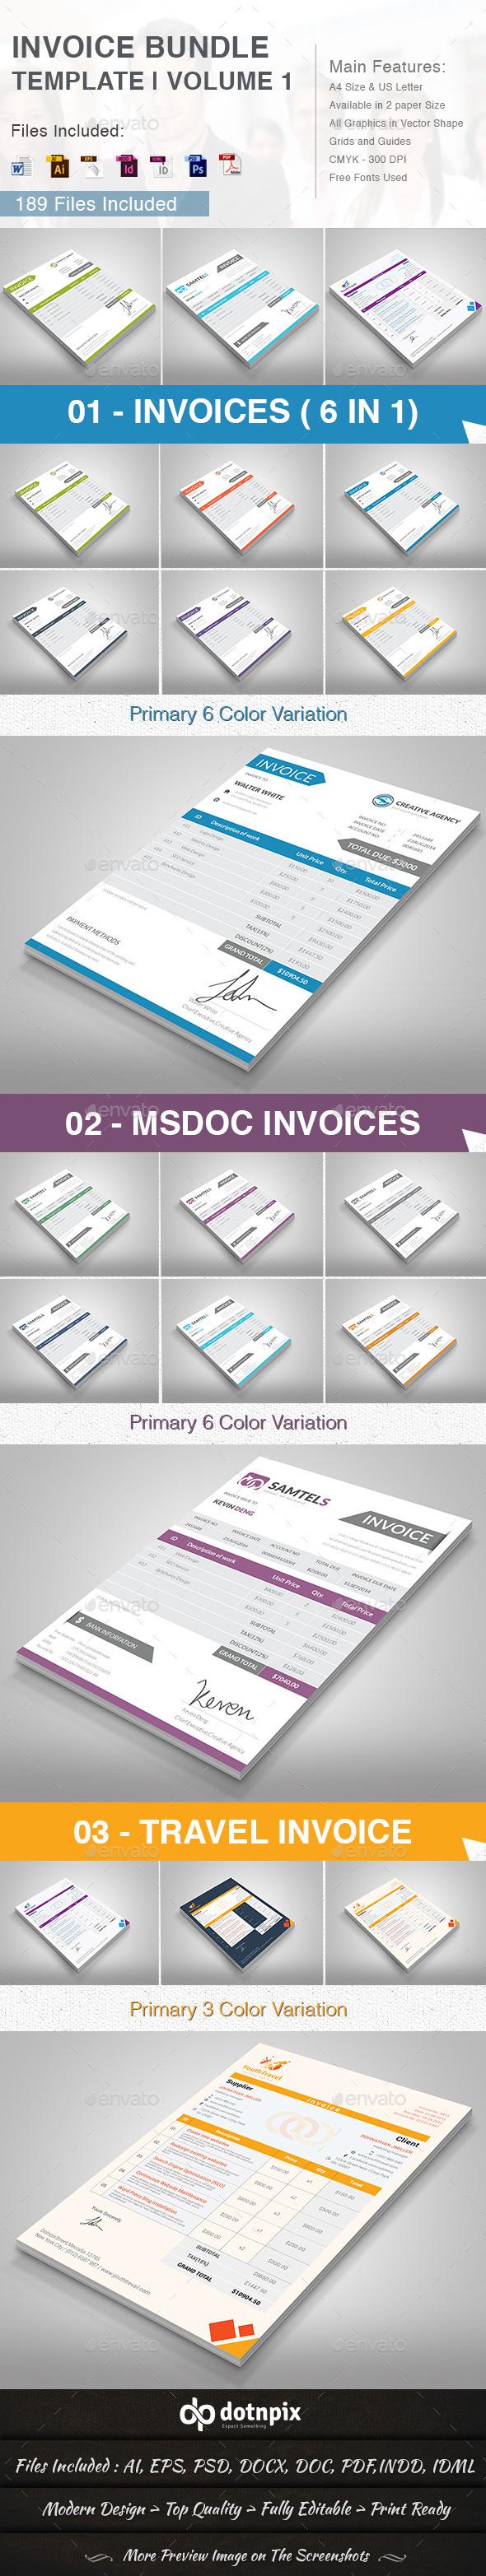 GraphicRiver Invoice Bundle Template Volume 1 10786146